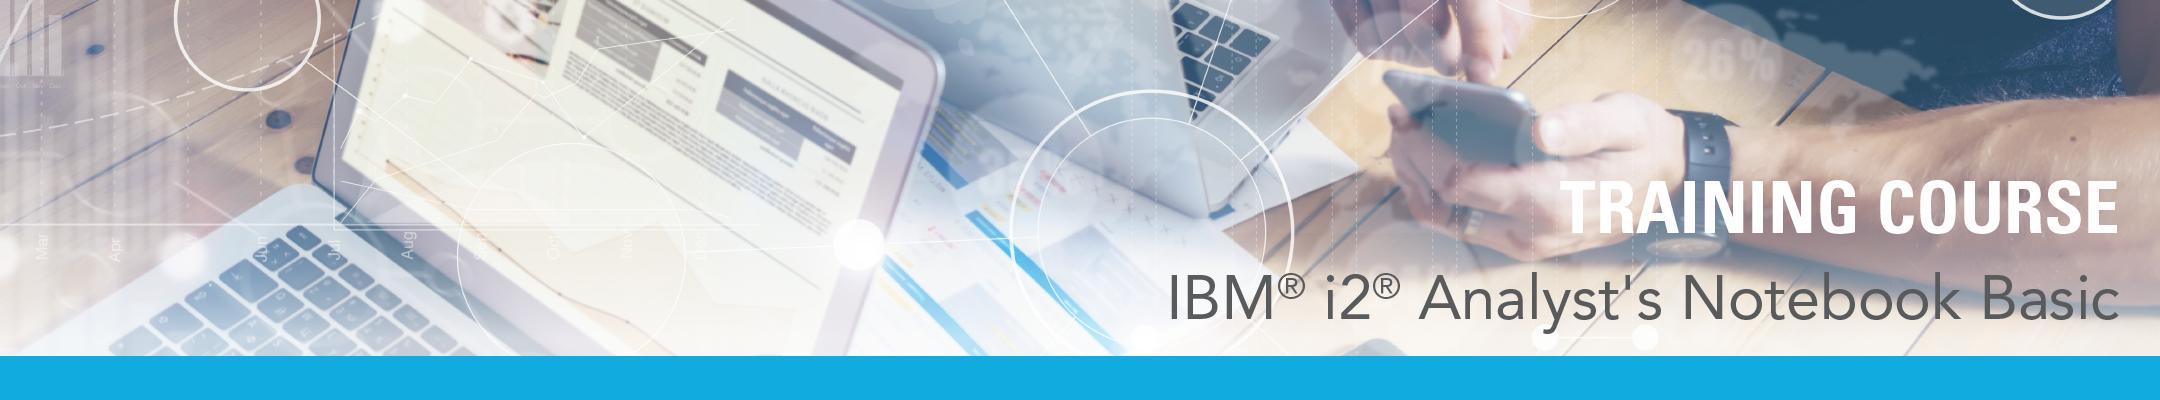 Blue Light 3-Day IBM® i2® Analyst's Notebook Basic